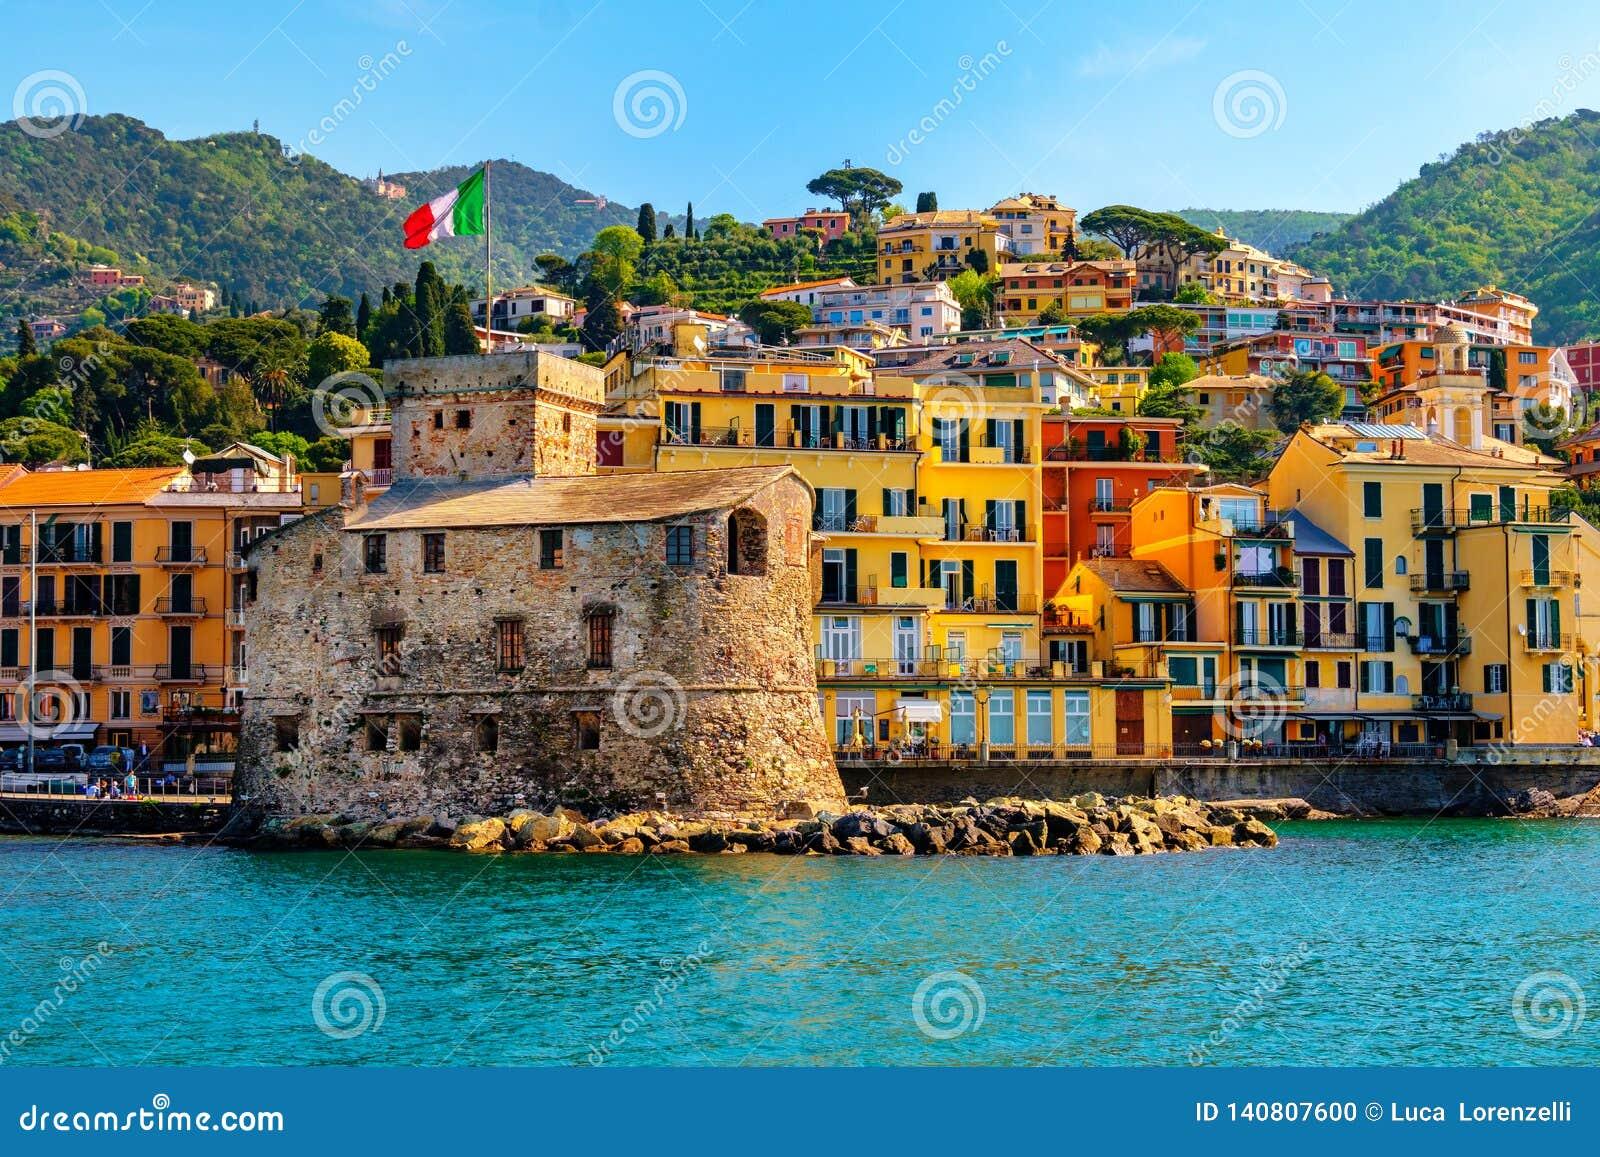 Castelo italiano pelo mar Castello di Rapallo na área italiana de riviera Portofino - Genebra - Liguria - Itália